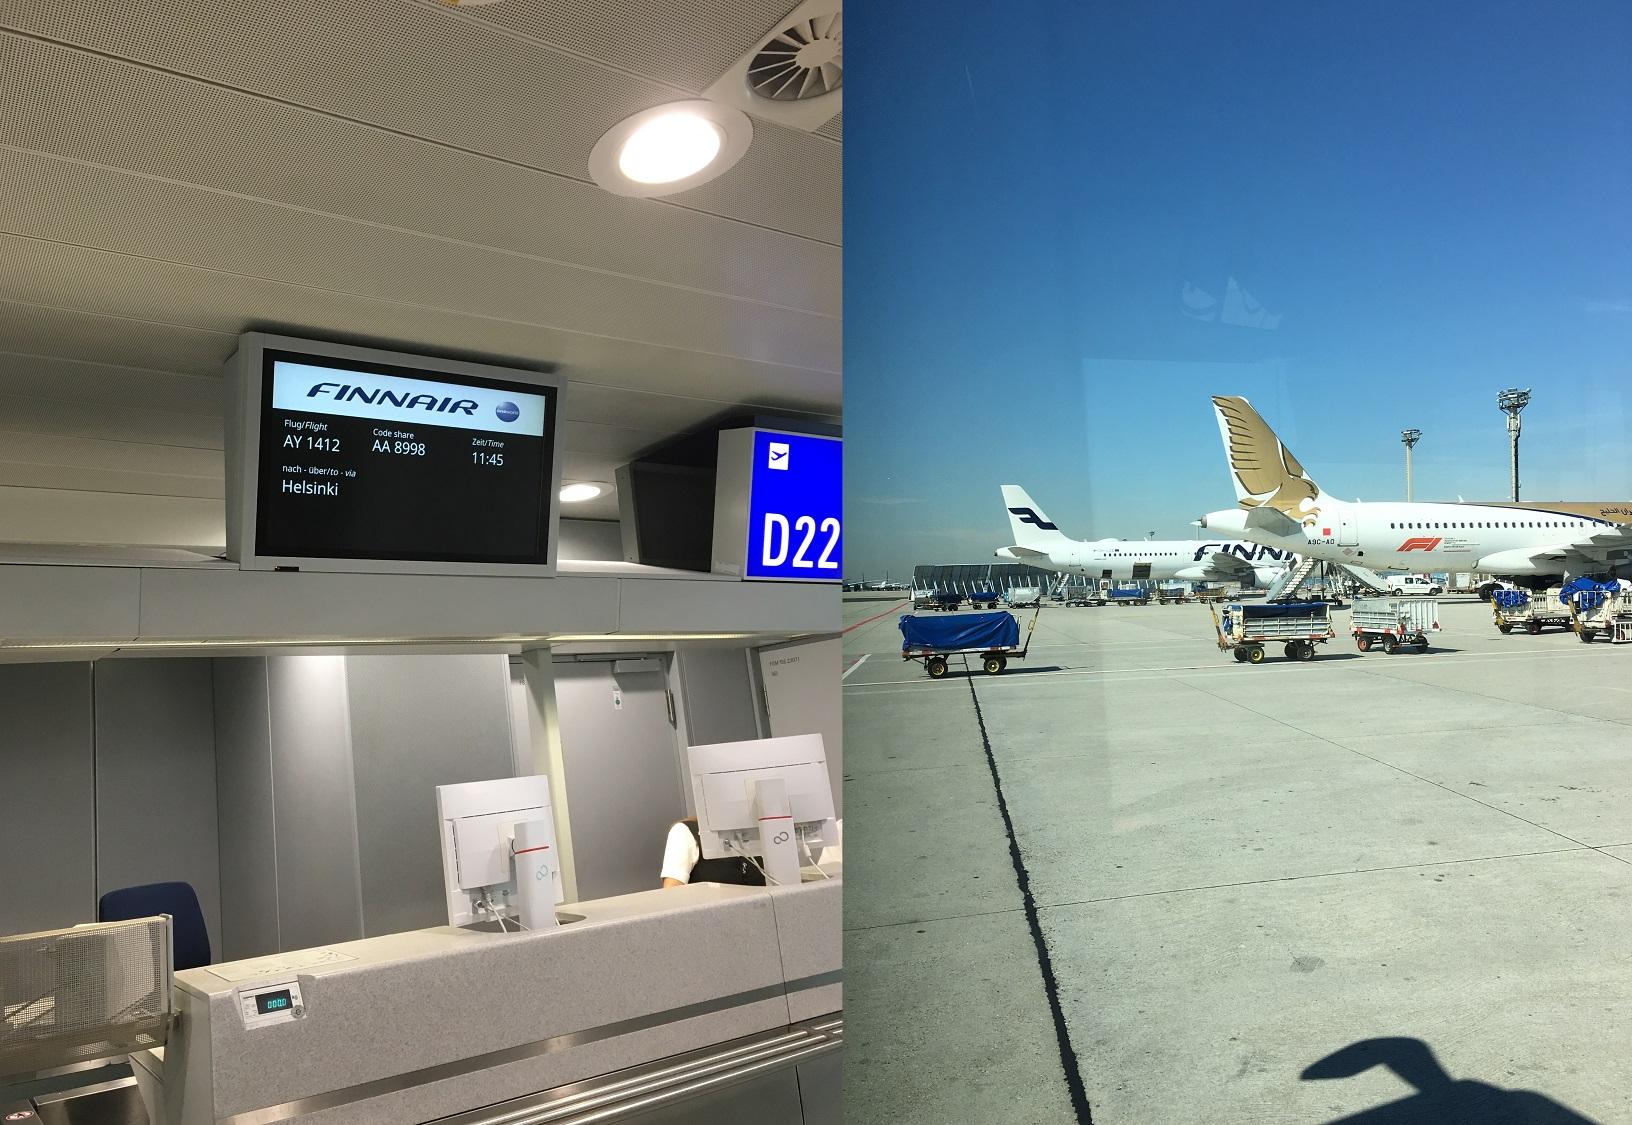 Abflug-Gate der Finnair / Finnair-Maschine auf dem Vorfeld